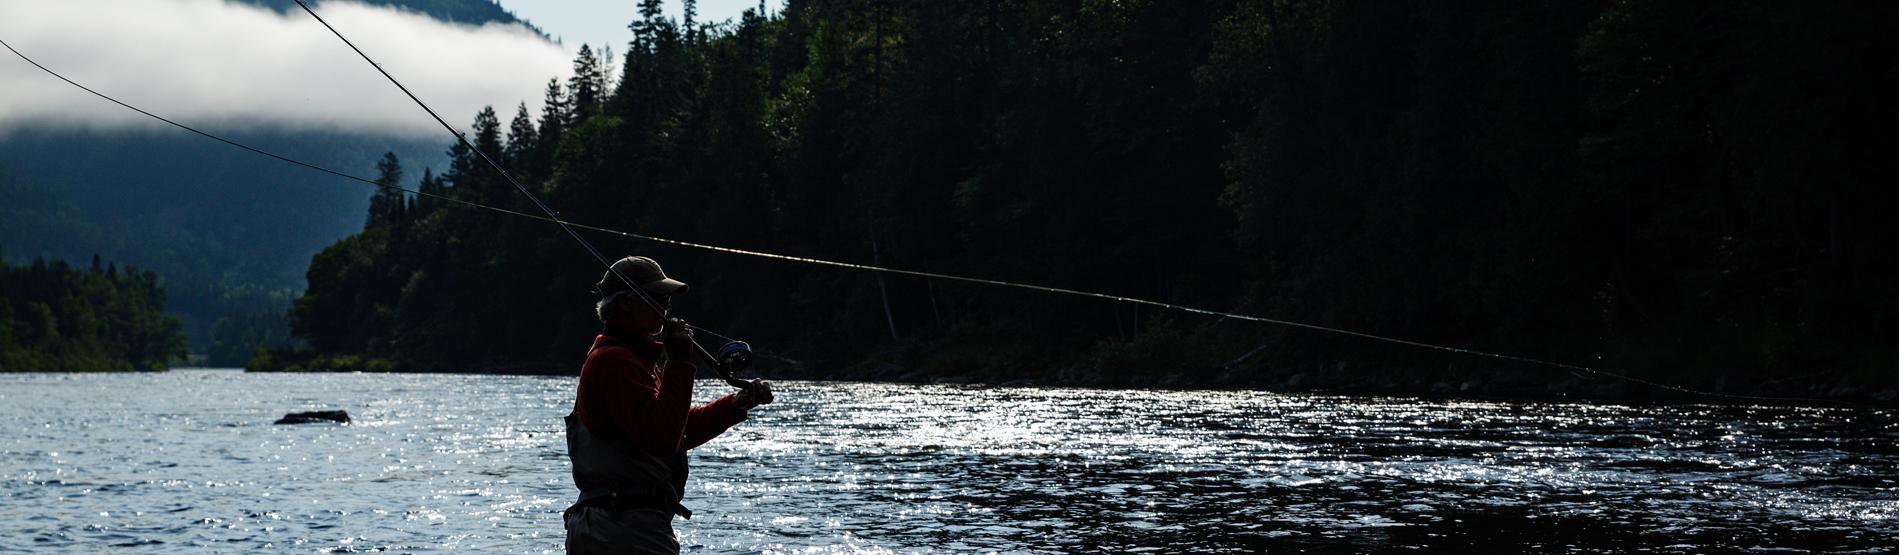 Fliegenfischerkurs mit Zweihandrute bei Henrik Mortensen